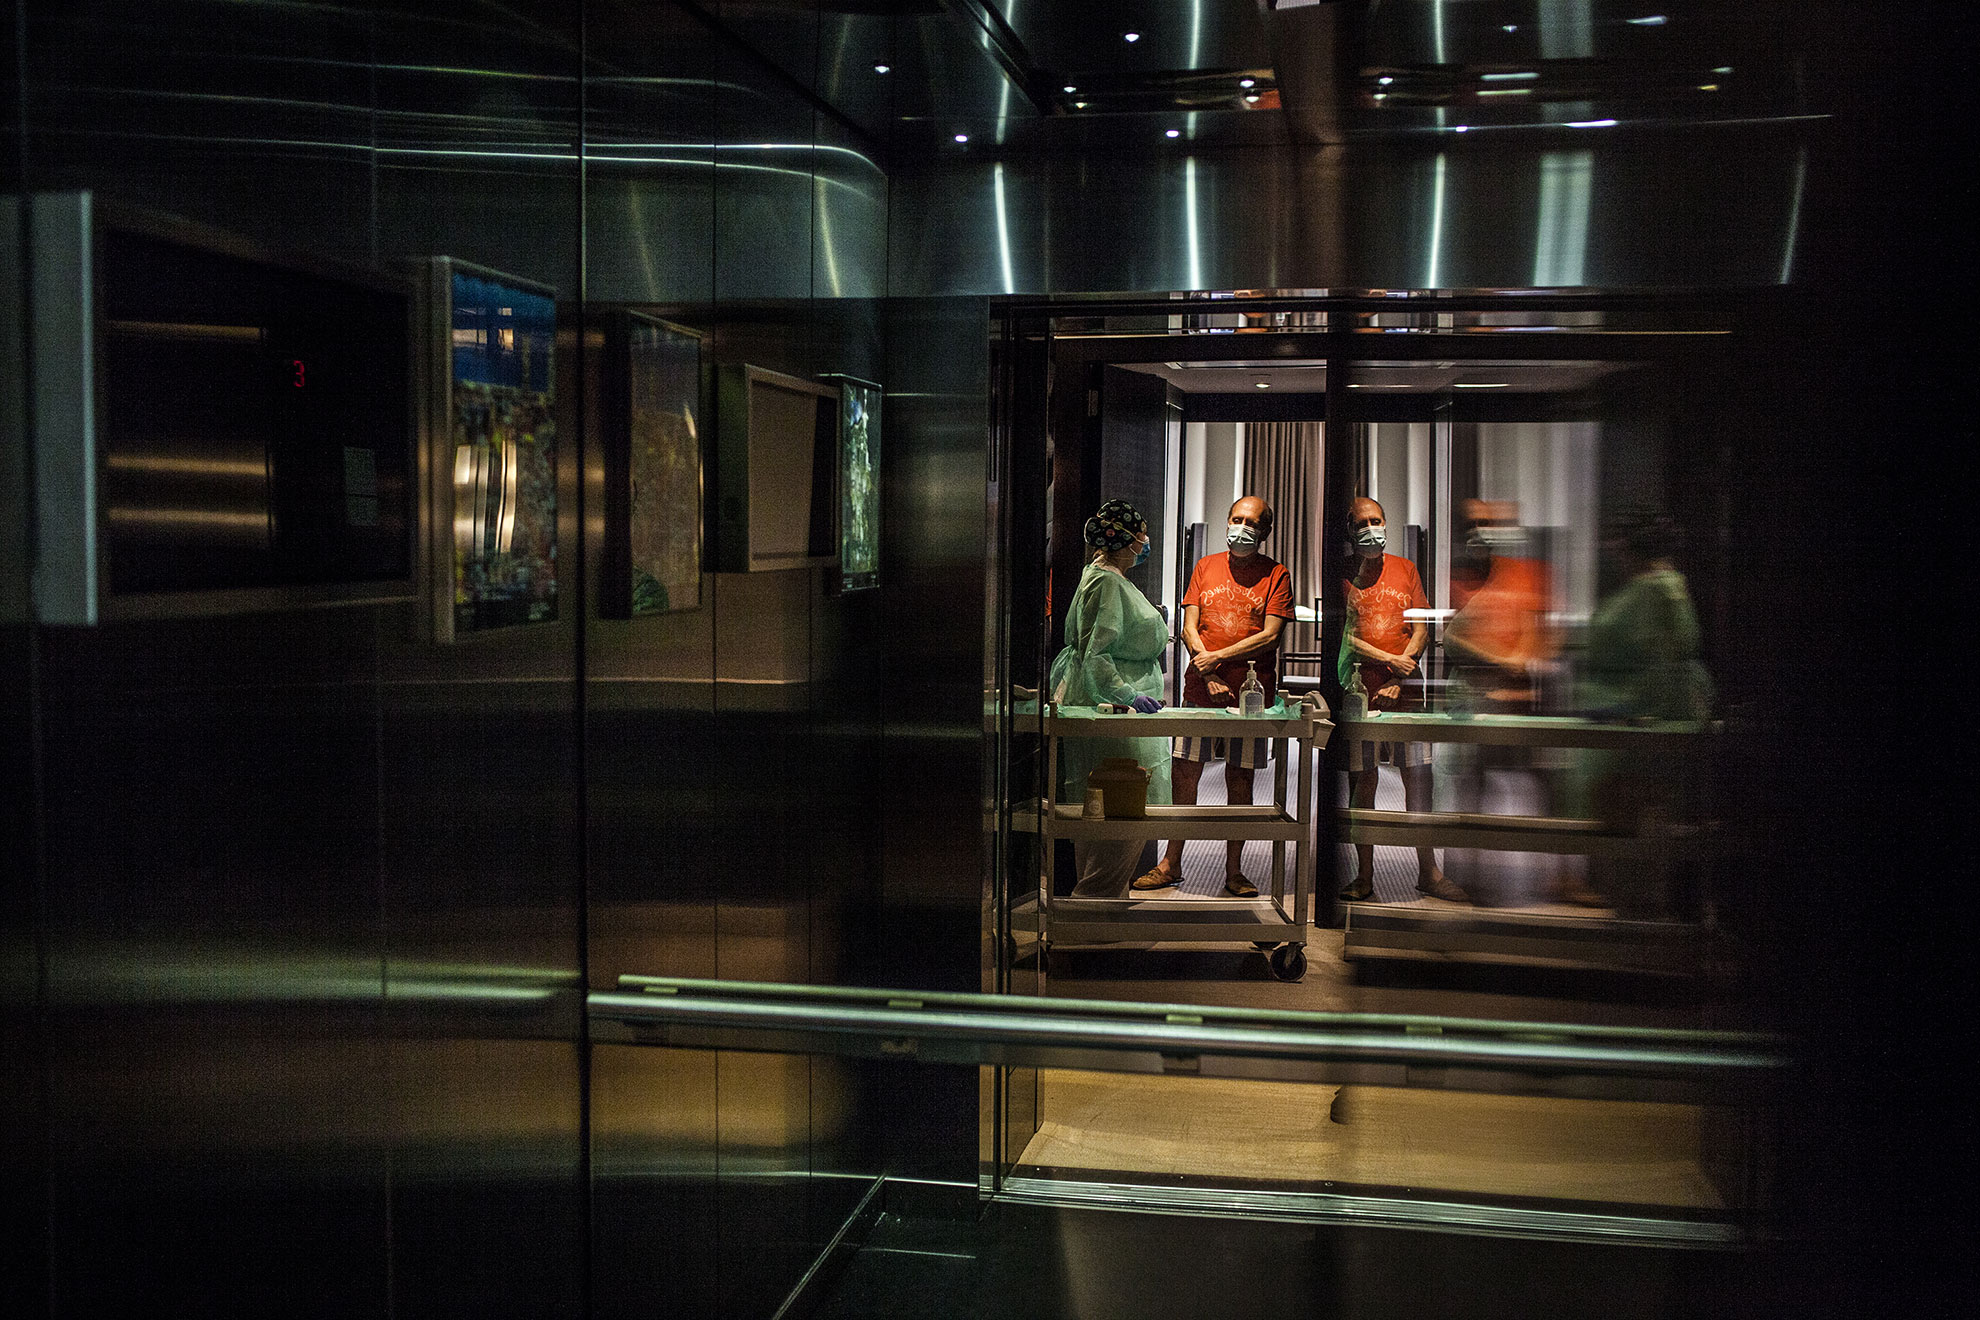 Enfermera de la atención primaria de Barcelona del ICS (Instituto Catalán de la Salud) después de tomarle la temperatura a un paciente enfermo de Covidien-19 hospedado en el Hotel Melià de Barcelona. Pacientes enfermos de Covid-19 dados de alta hospitalaria han sido trasladados a diferentes hoteles de Barcelona, entre ellos el Hotel Melià, para pasar dos semanas de confinamiento, antes de poder volver a casa. Una vez llegan, personal sanitario y del hotel hacen la acogida y toma de temperatura antes de asignarles una habitación.